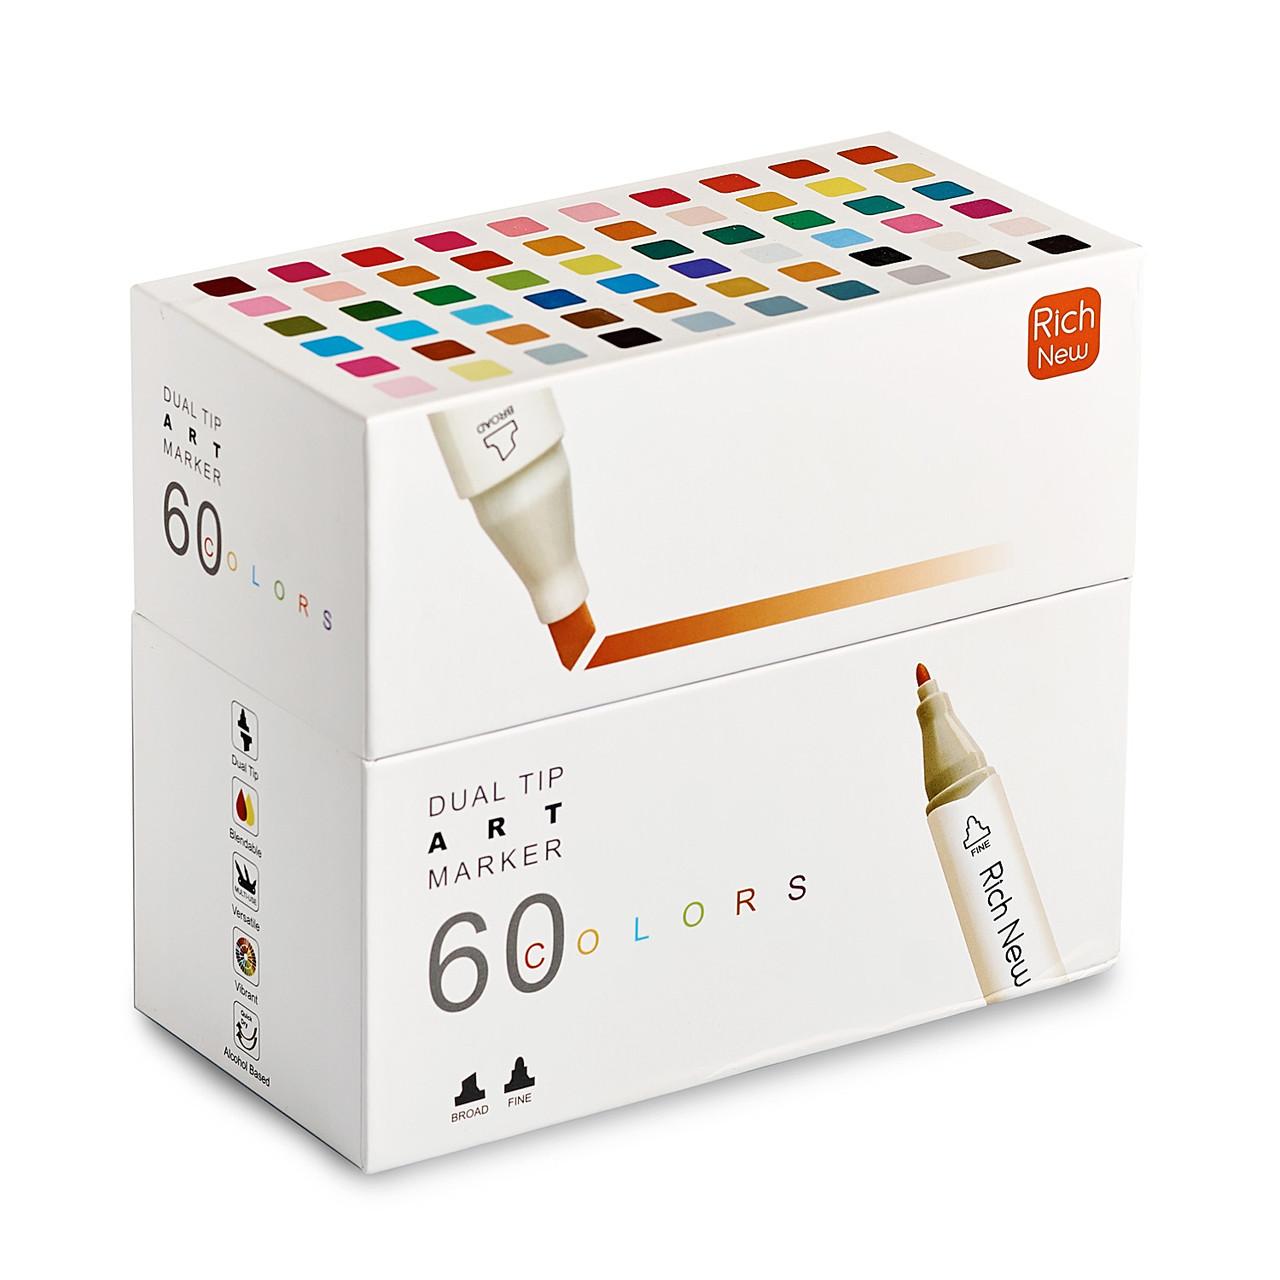 Набор  качественных двусторонних маркеров Rich New для рисования и  скетчинга на спиртовой основе  60 штук